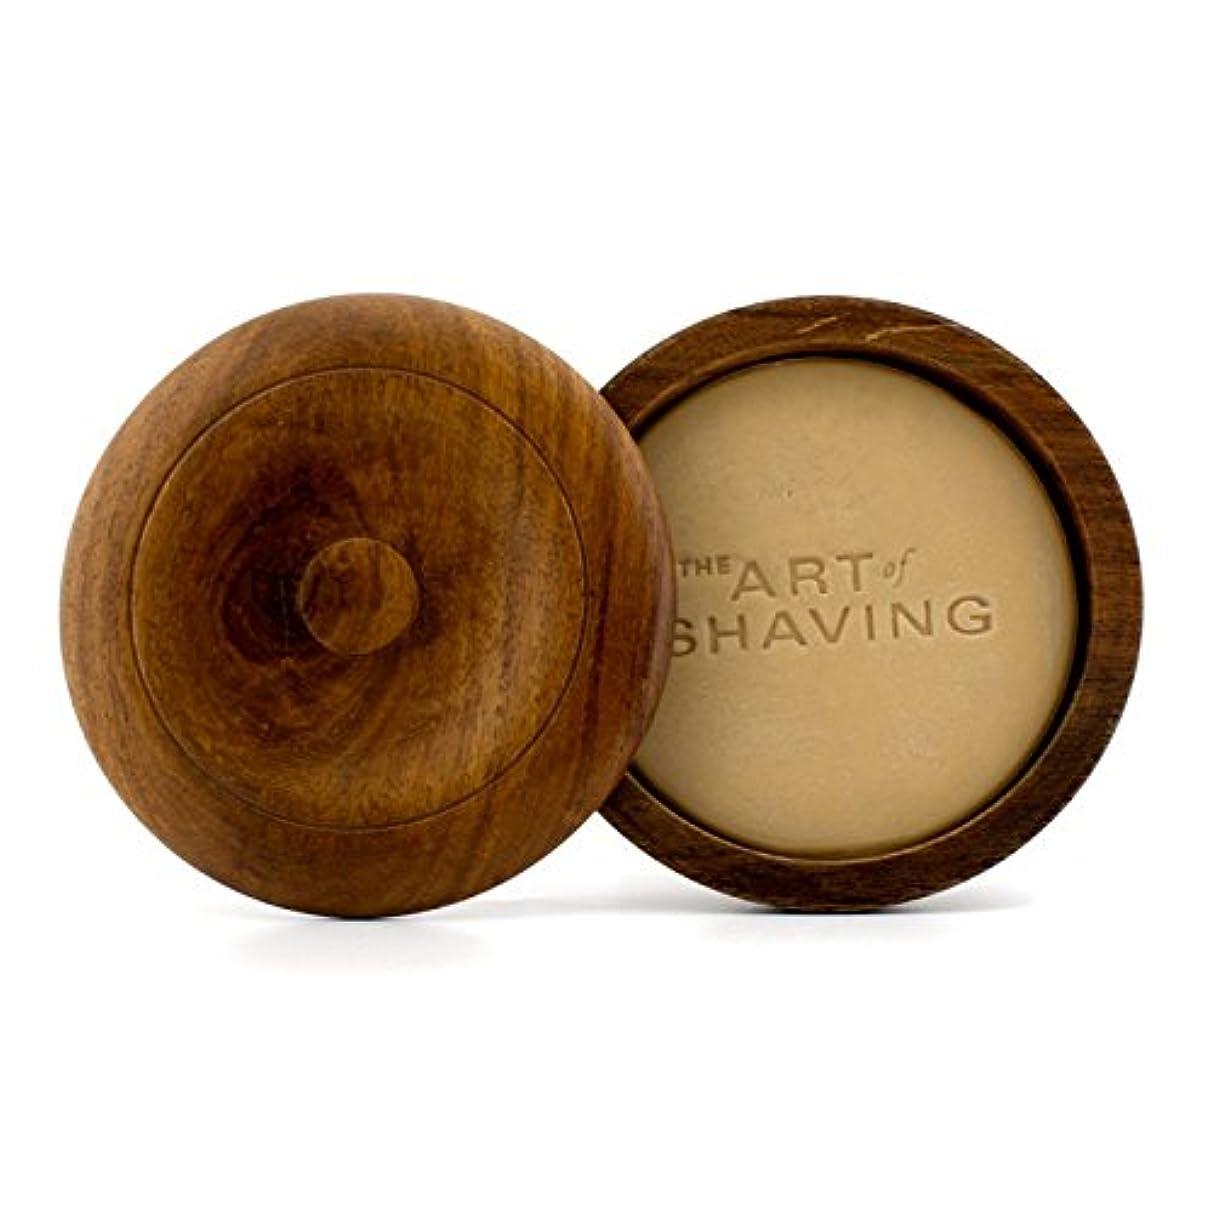 講義リング乱気流アートオブシェービング シェービングソープ ケース付 -無香 (敏感肌用) 95g/3.4oz並行輸入品